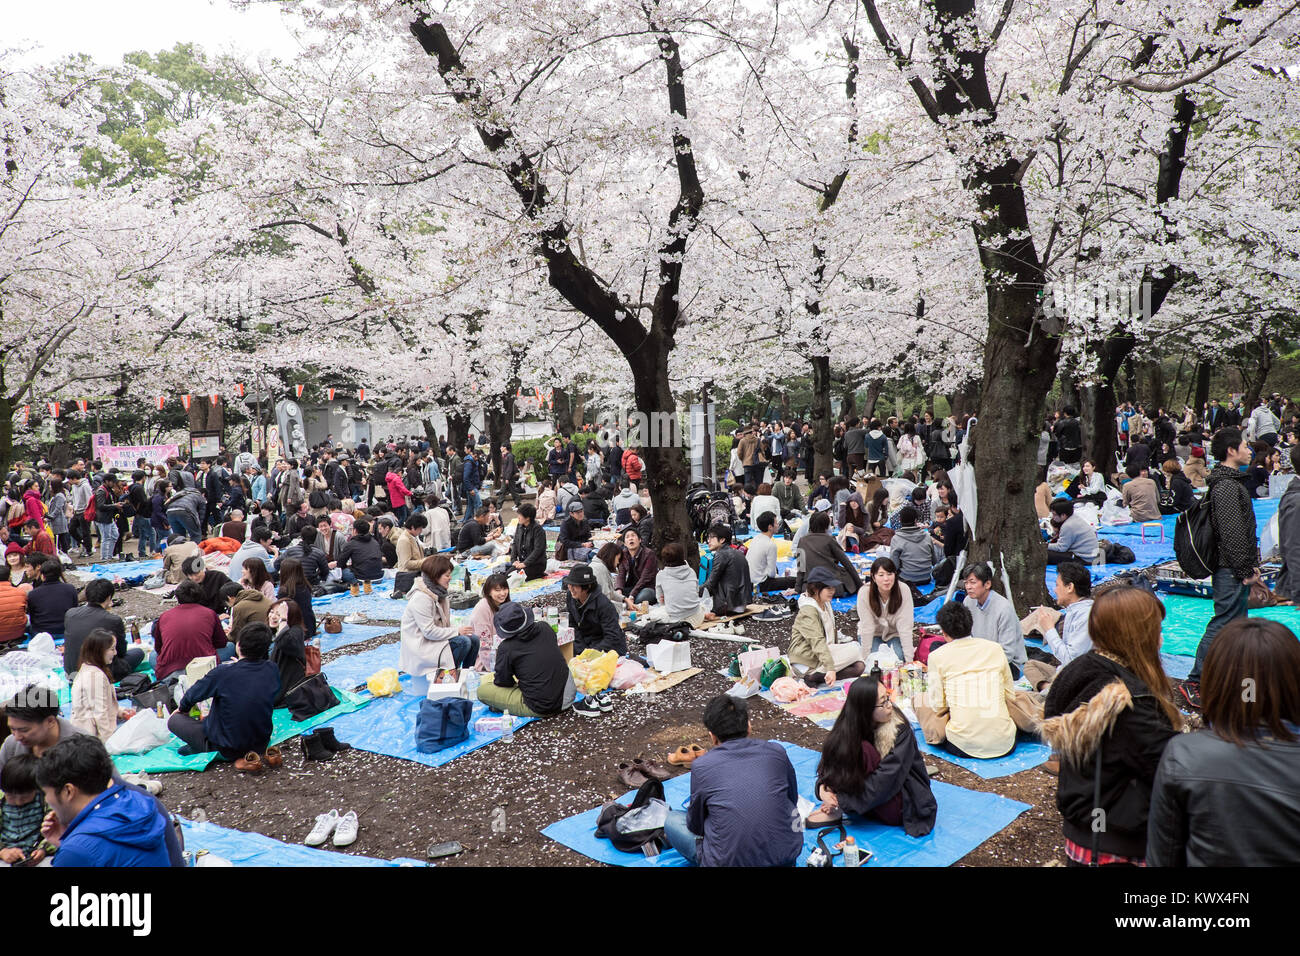 Giappone Tokyo: tradizionale picnic a celebrare i ciliegi in fiore e l'arrivo della primavera qui nel Parco di Ueno Foto Stock